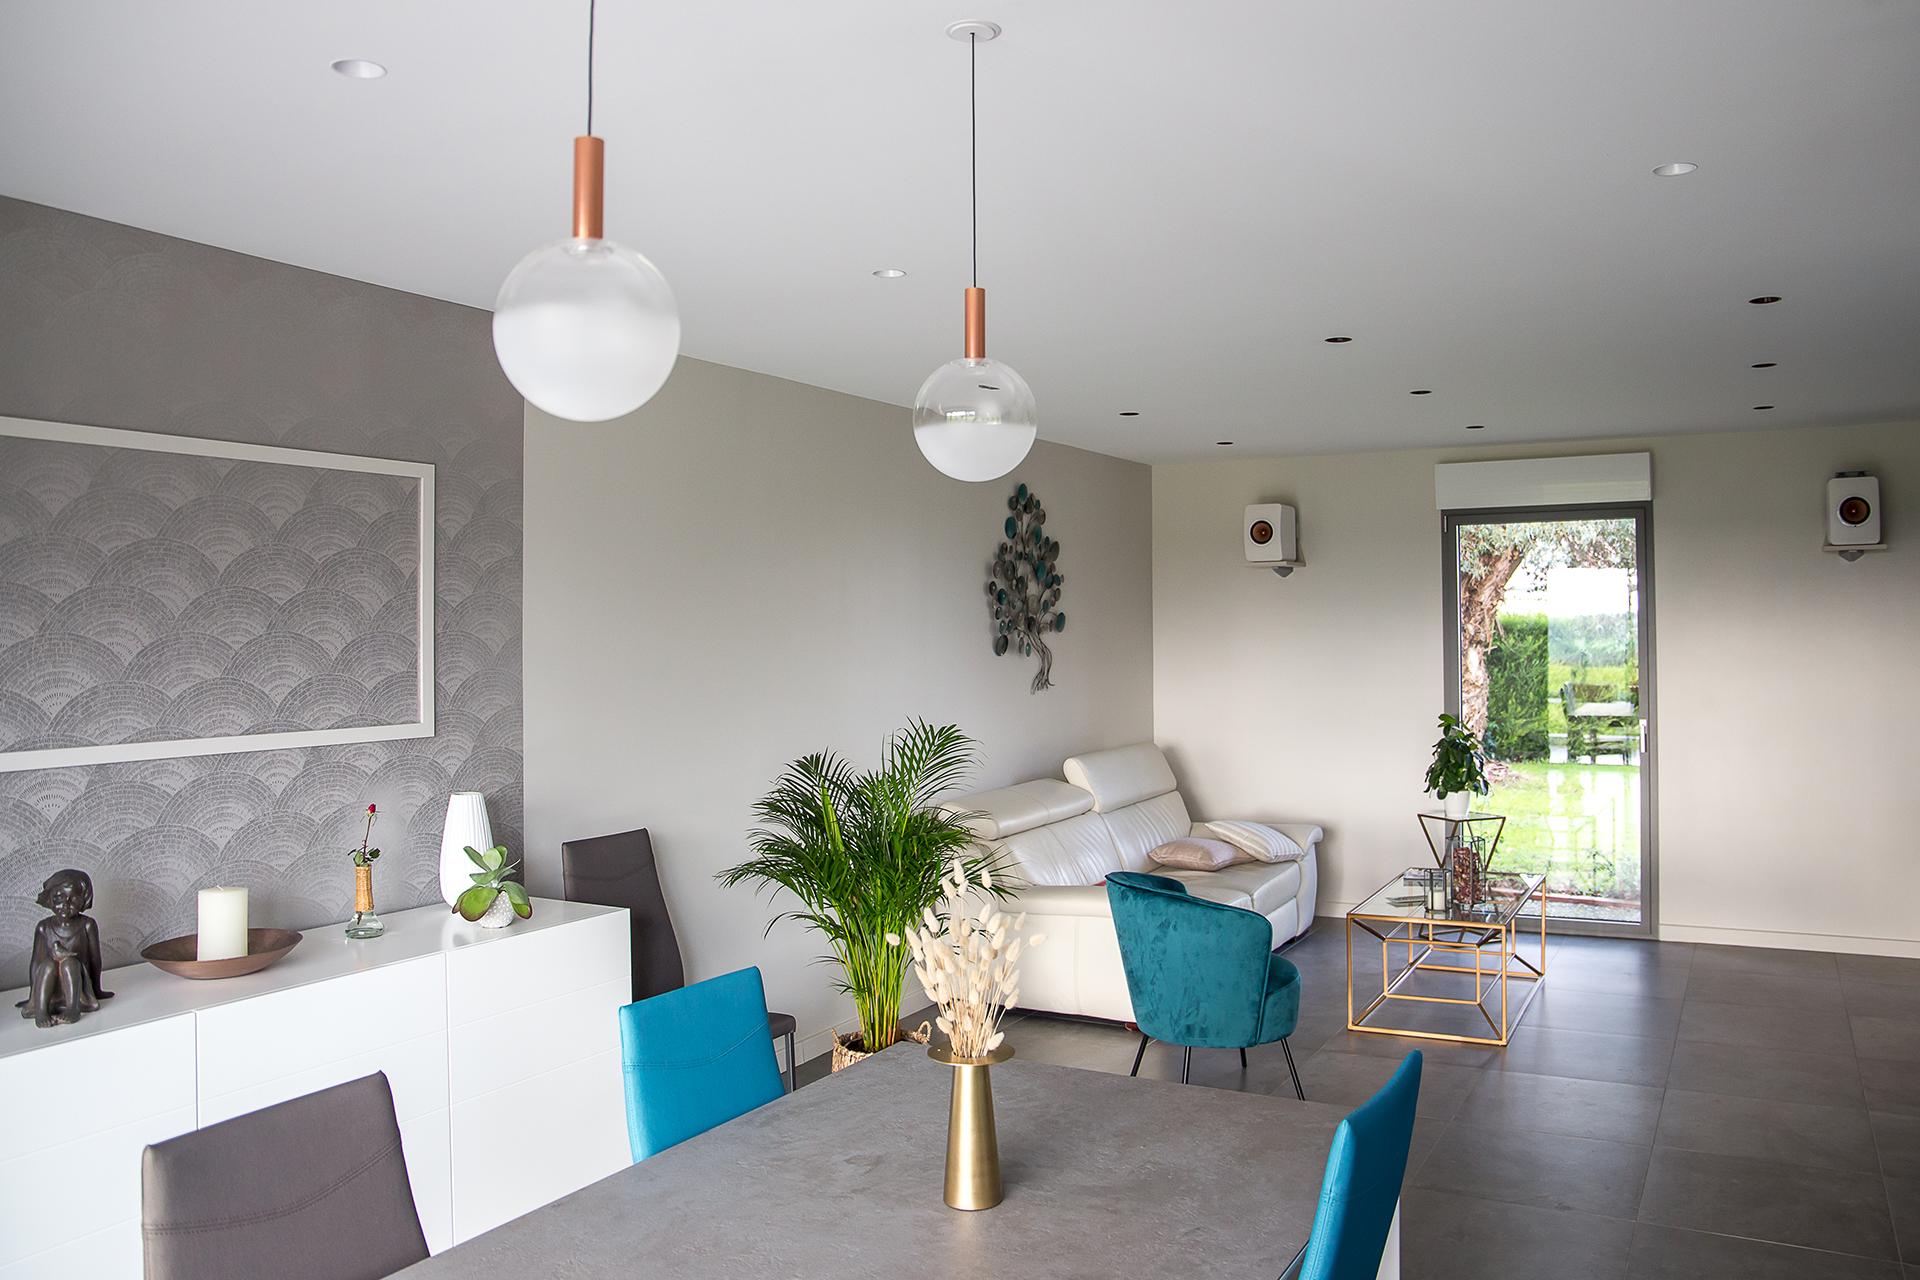 sejour-salle-a-manger-renove-particulier-architecte-lydie-gatignol